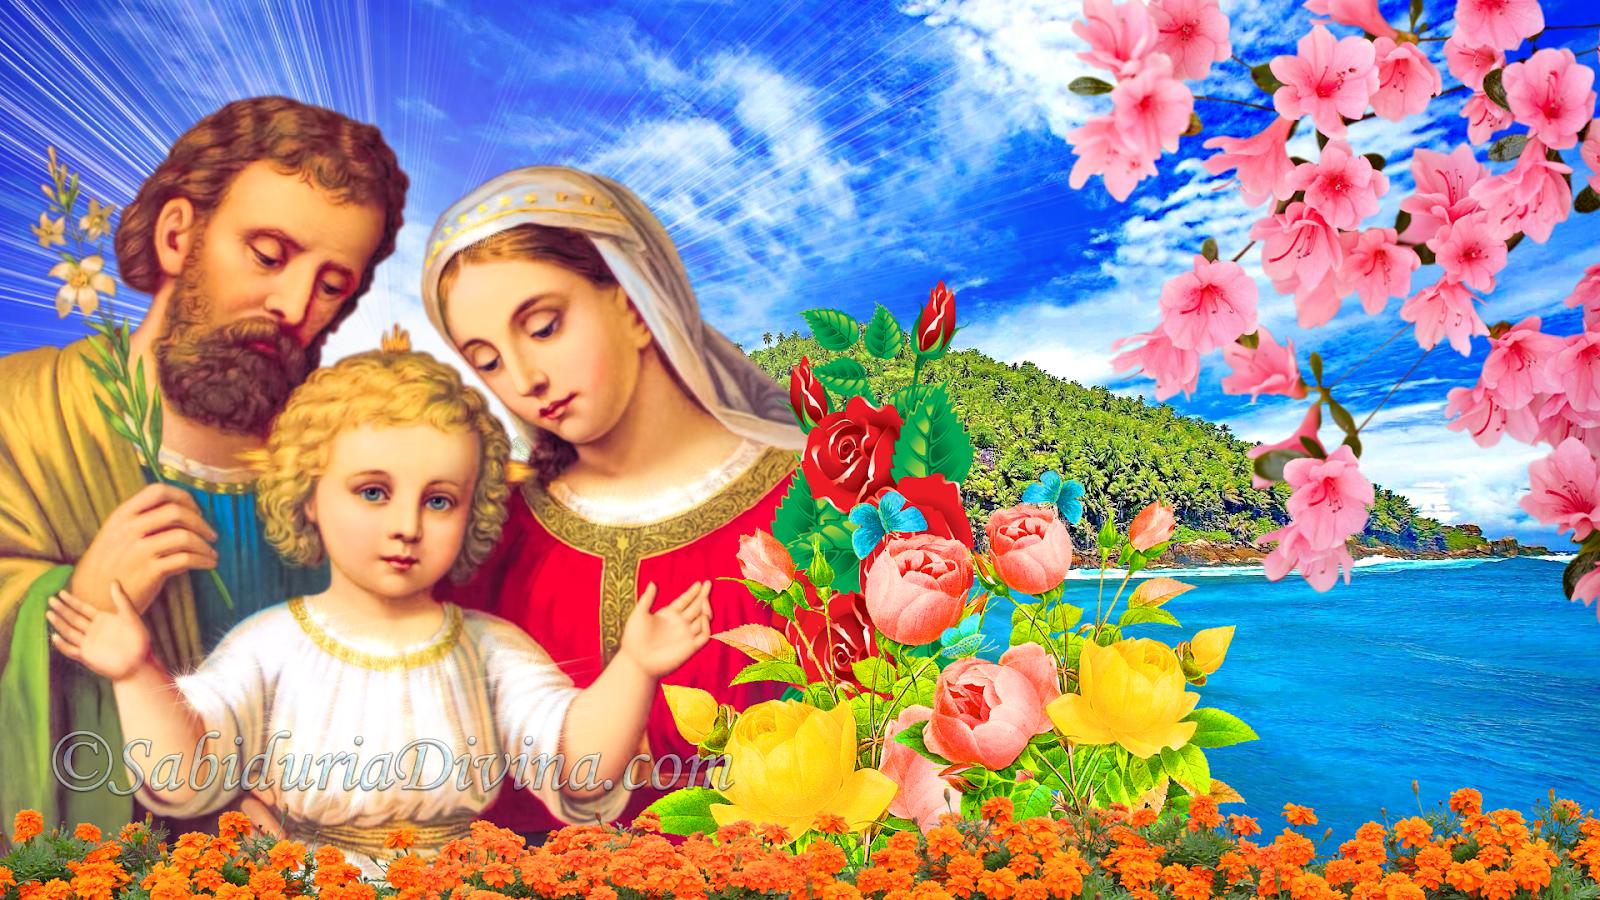 Escuchar Cancion Feliz Navidad.Madre Celestial Descargar Villancicos En Mp3 Y Cantos De